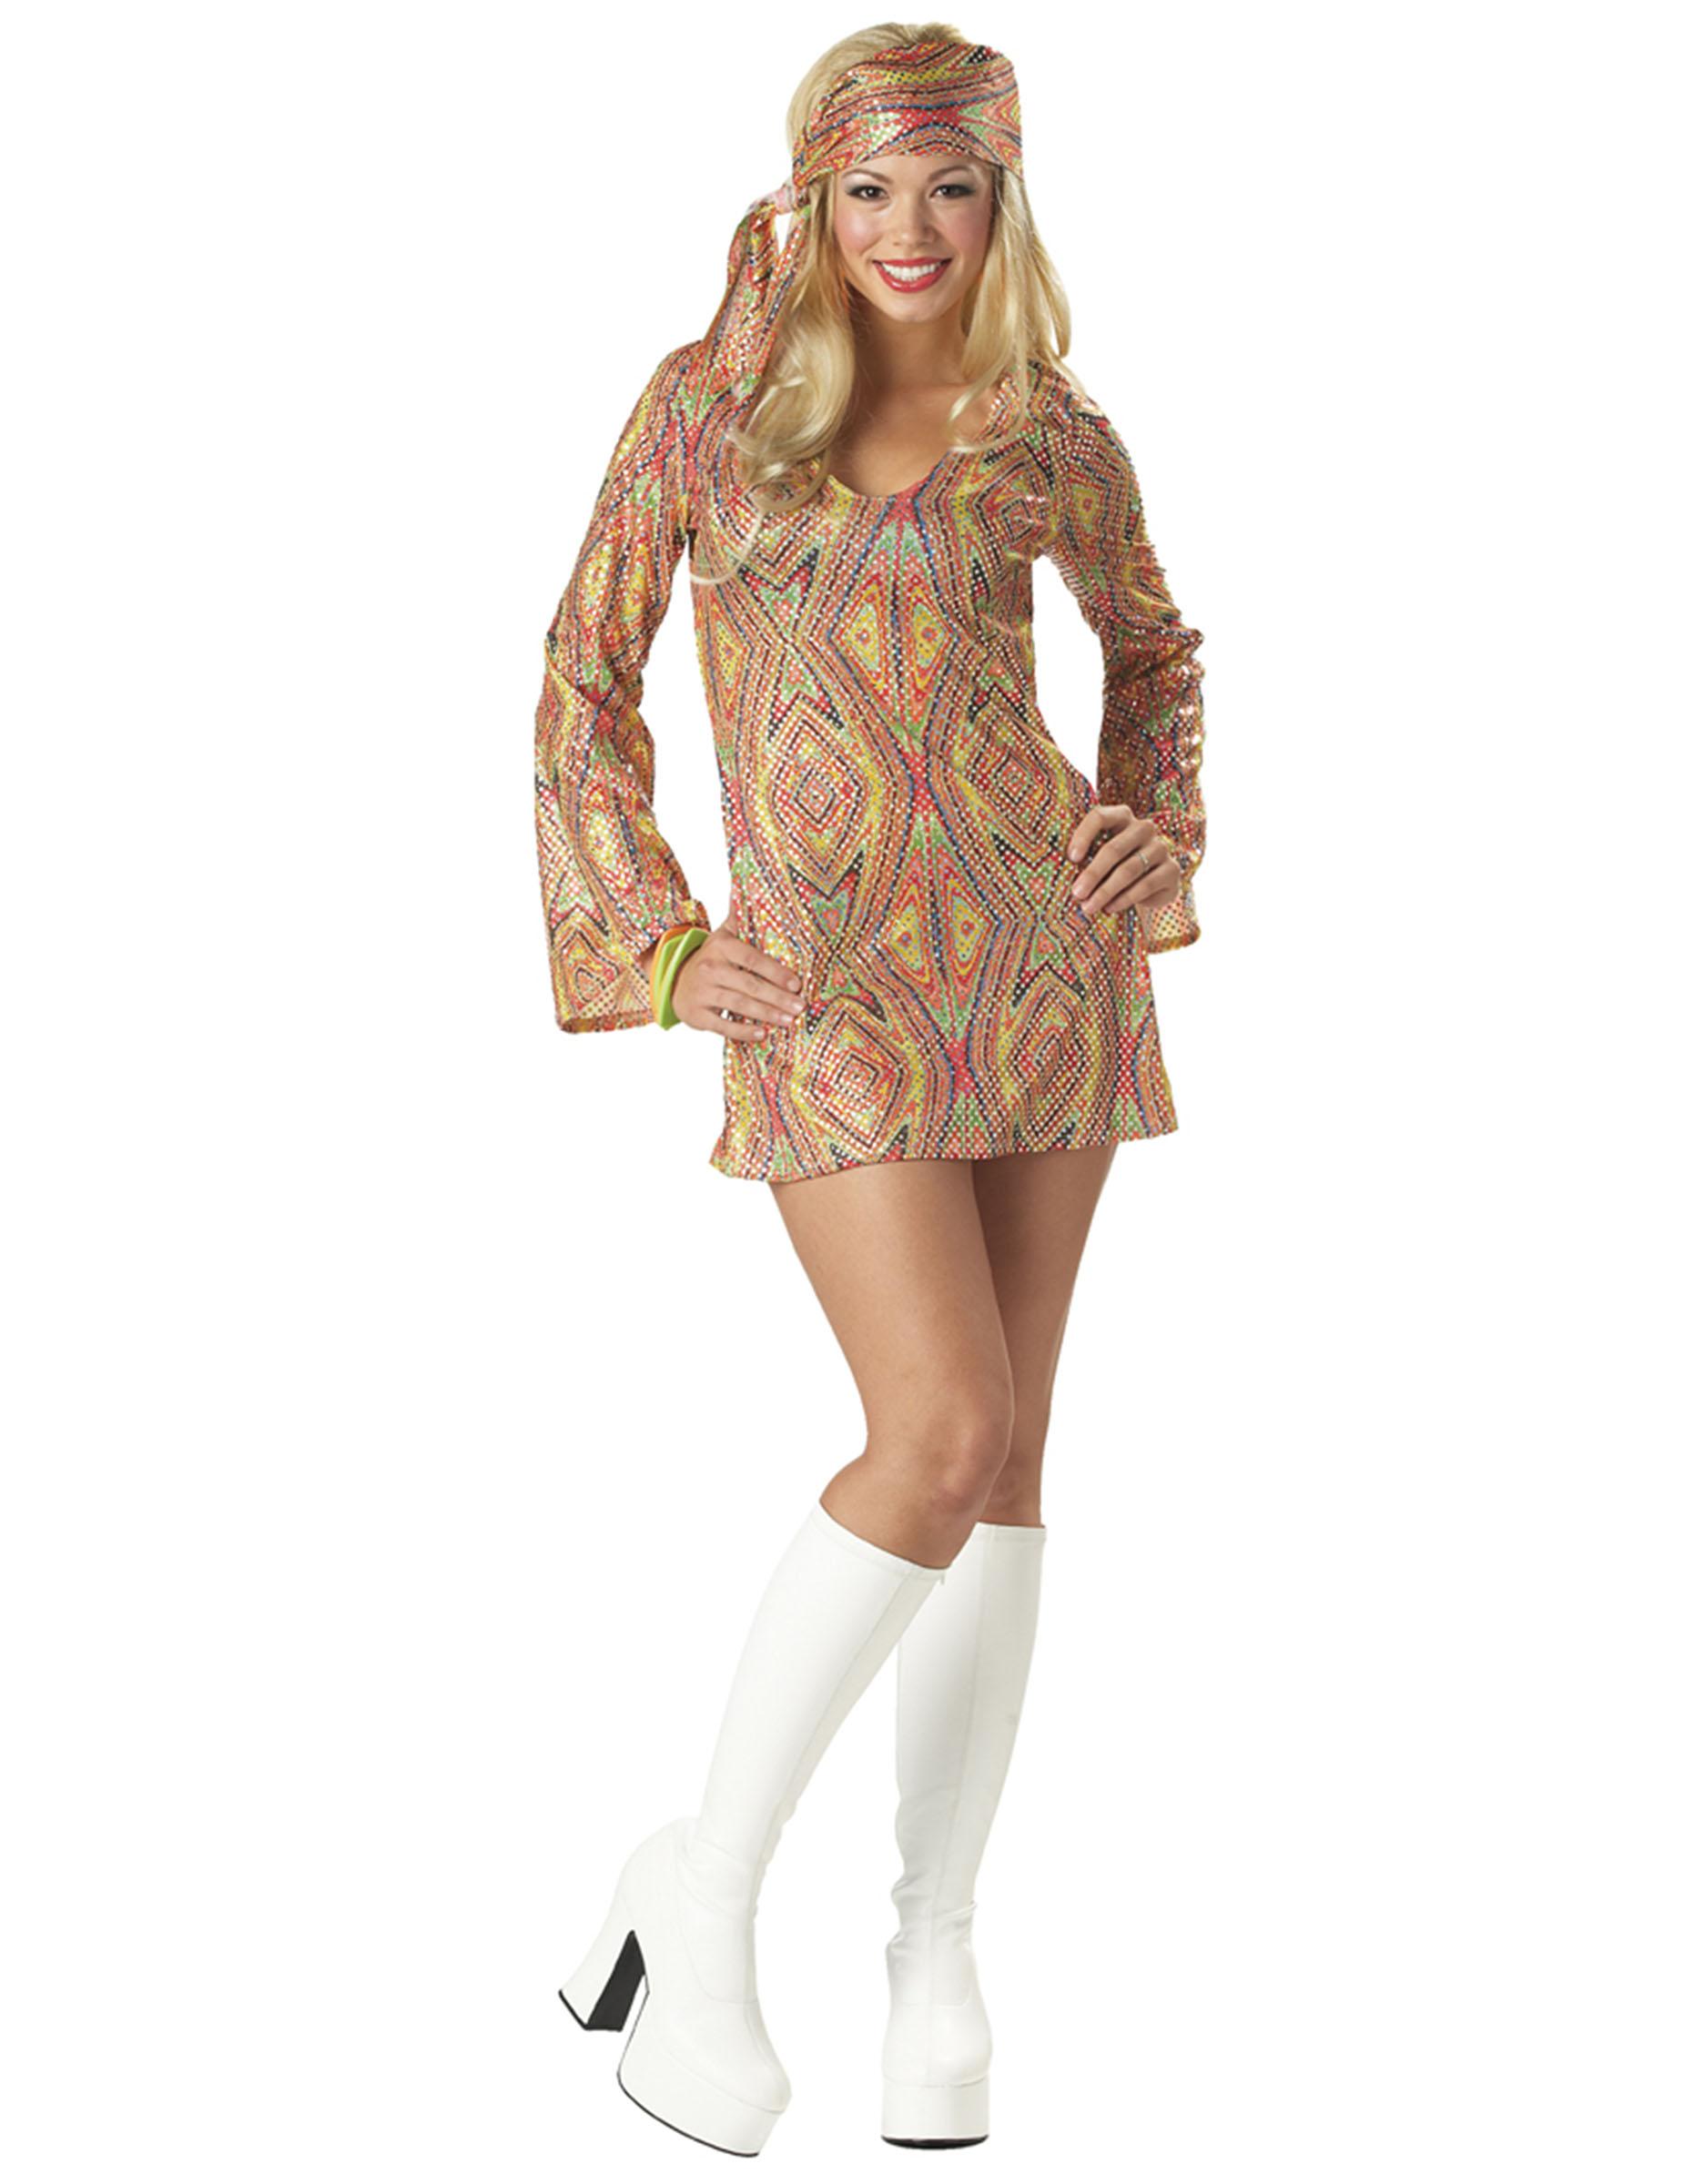 Sexy Pailletten-Disco-Outfit für Damen!: Kostüme für